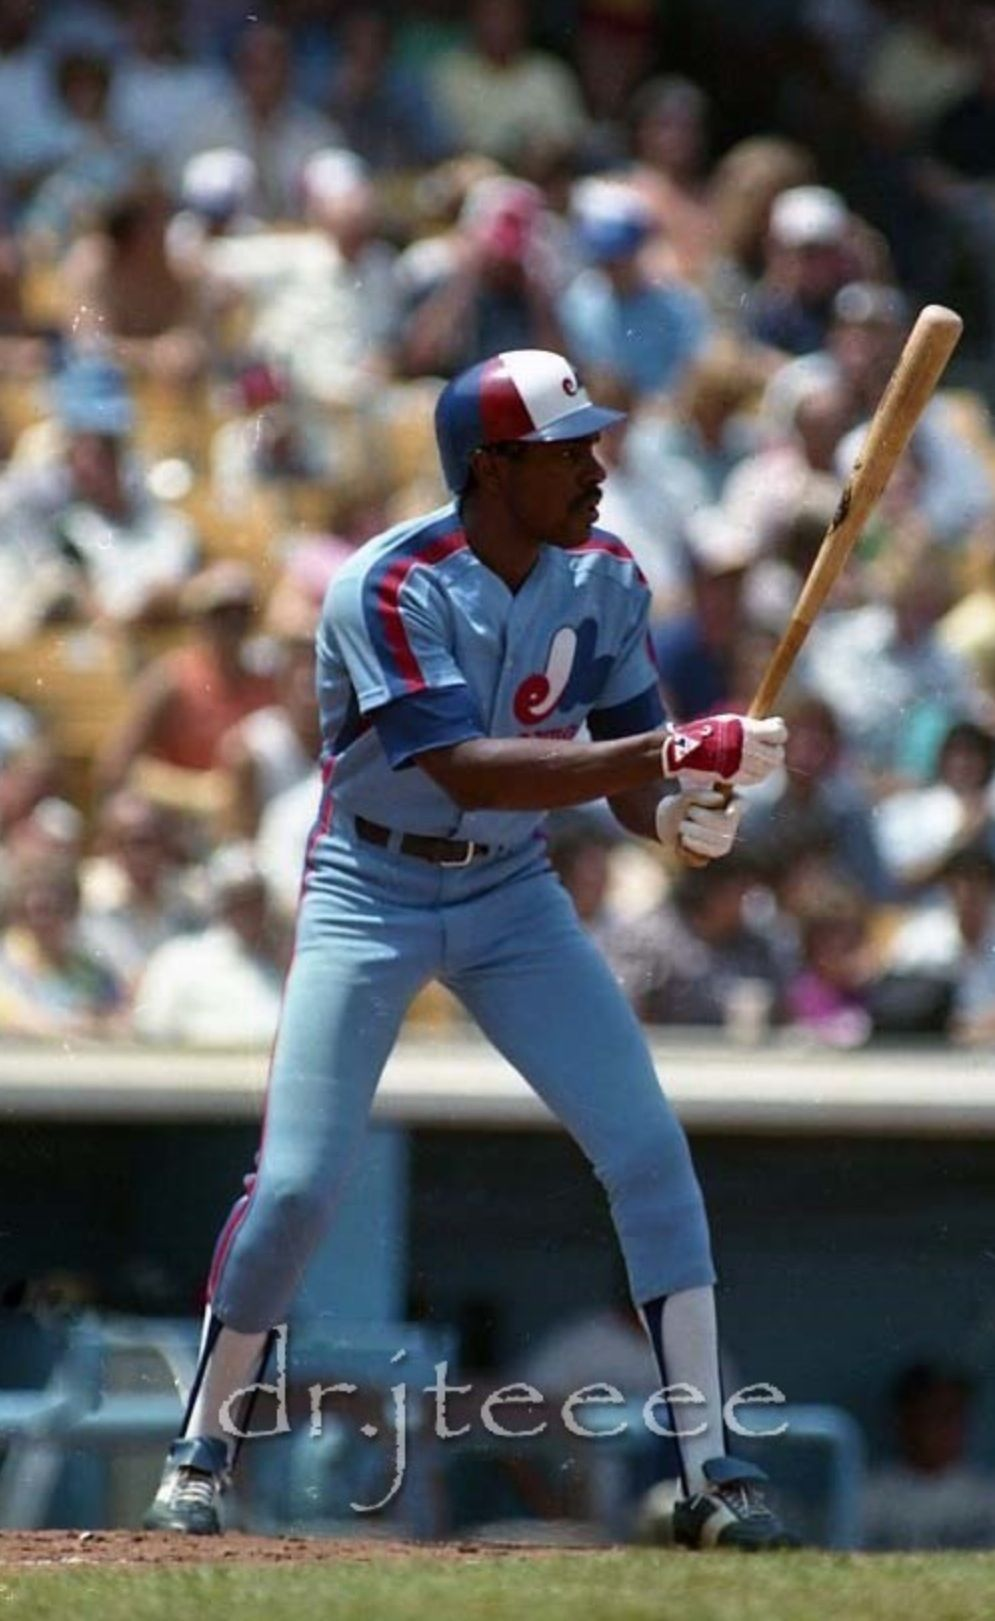 Andre Dawson Montreal Expos Mlb Baseball Teams Baseball Players Major League Baseball Teams